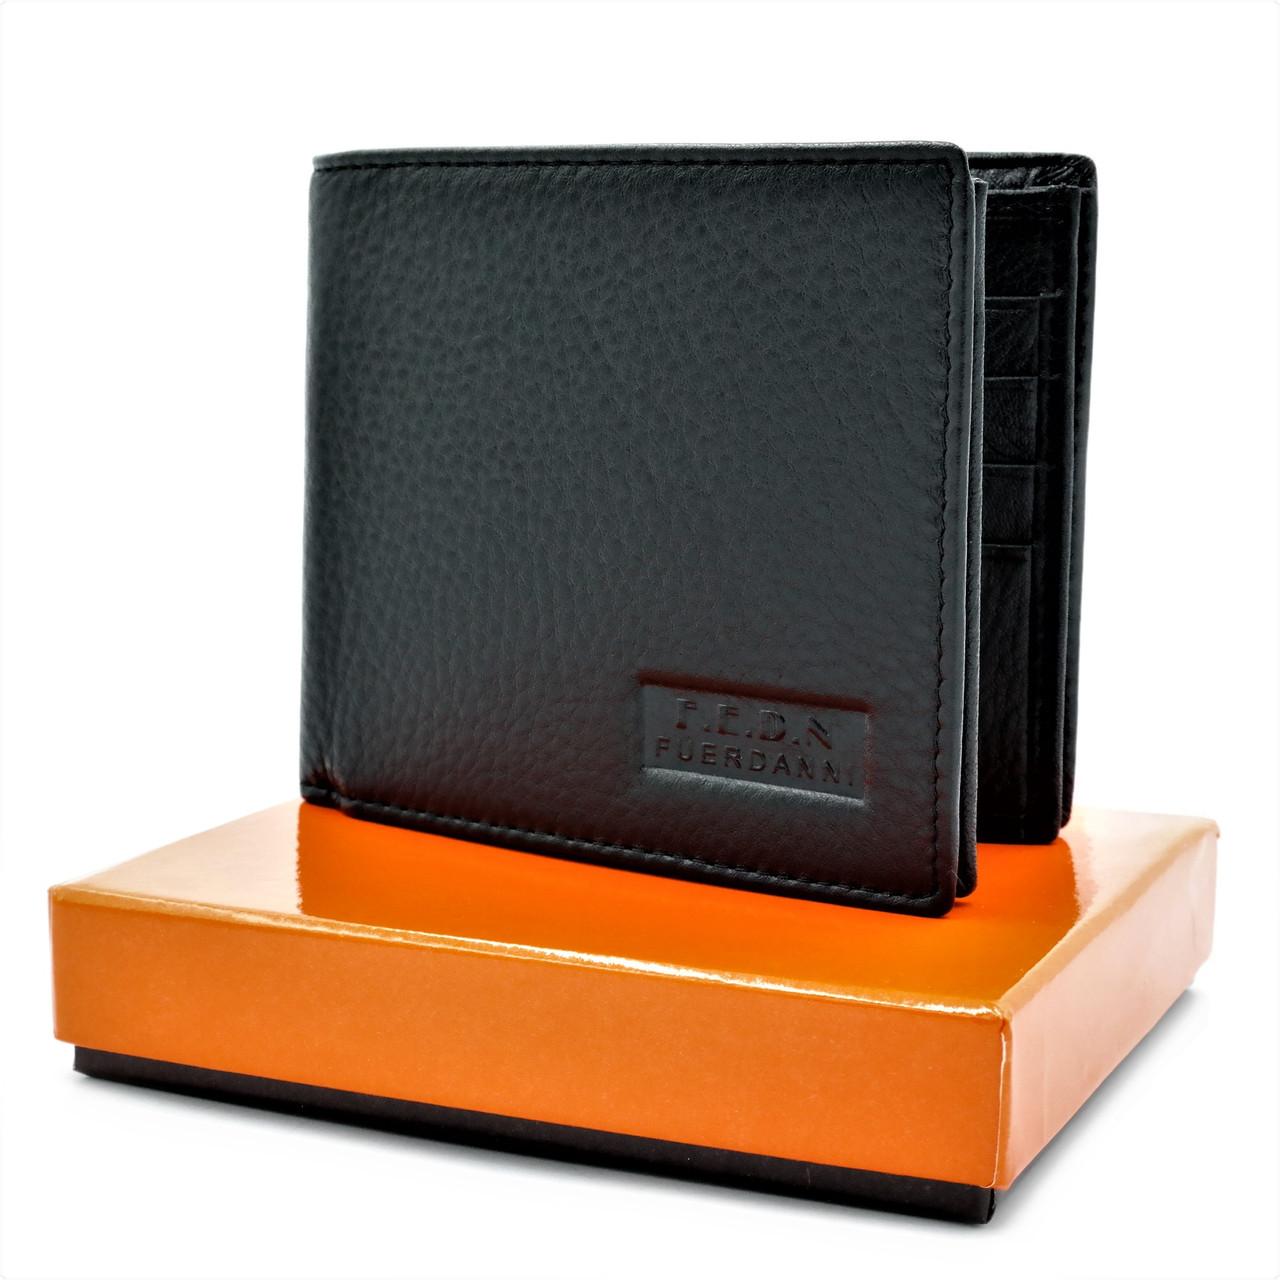 Мужской кожаный кошелек Чёрный Кожаный маленький качественный кошелек  для мужчины Мужской бумажник